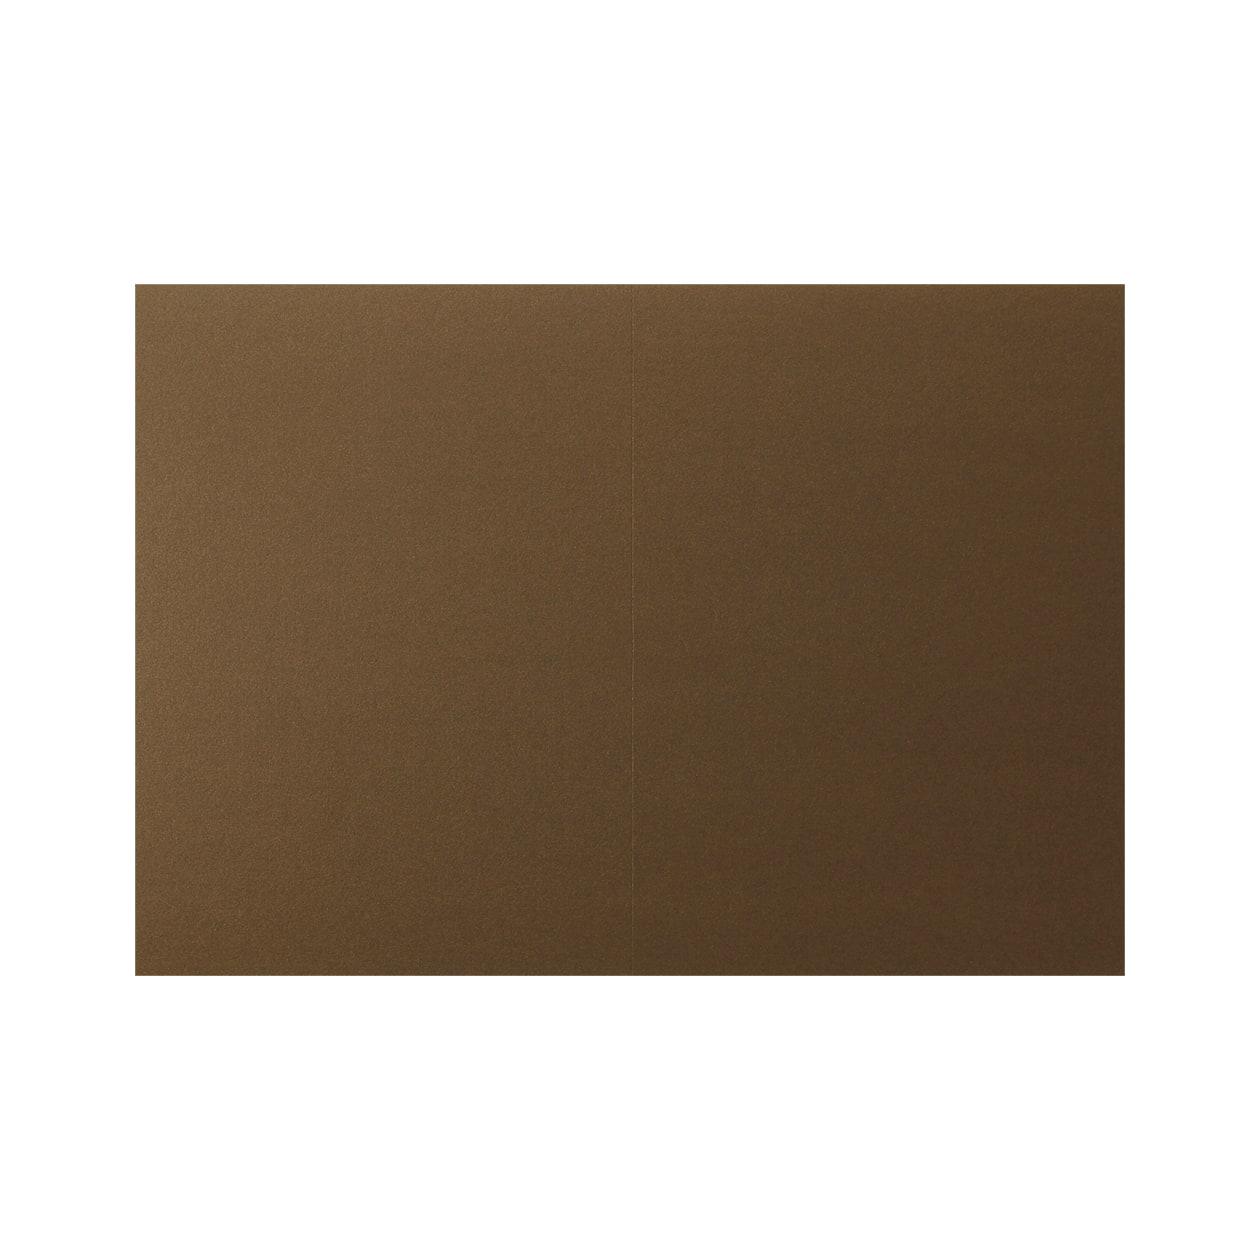 A4カバー コットンパール チョコレート 300g